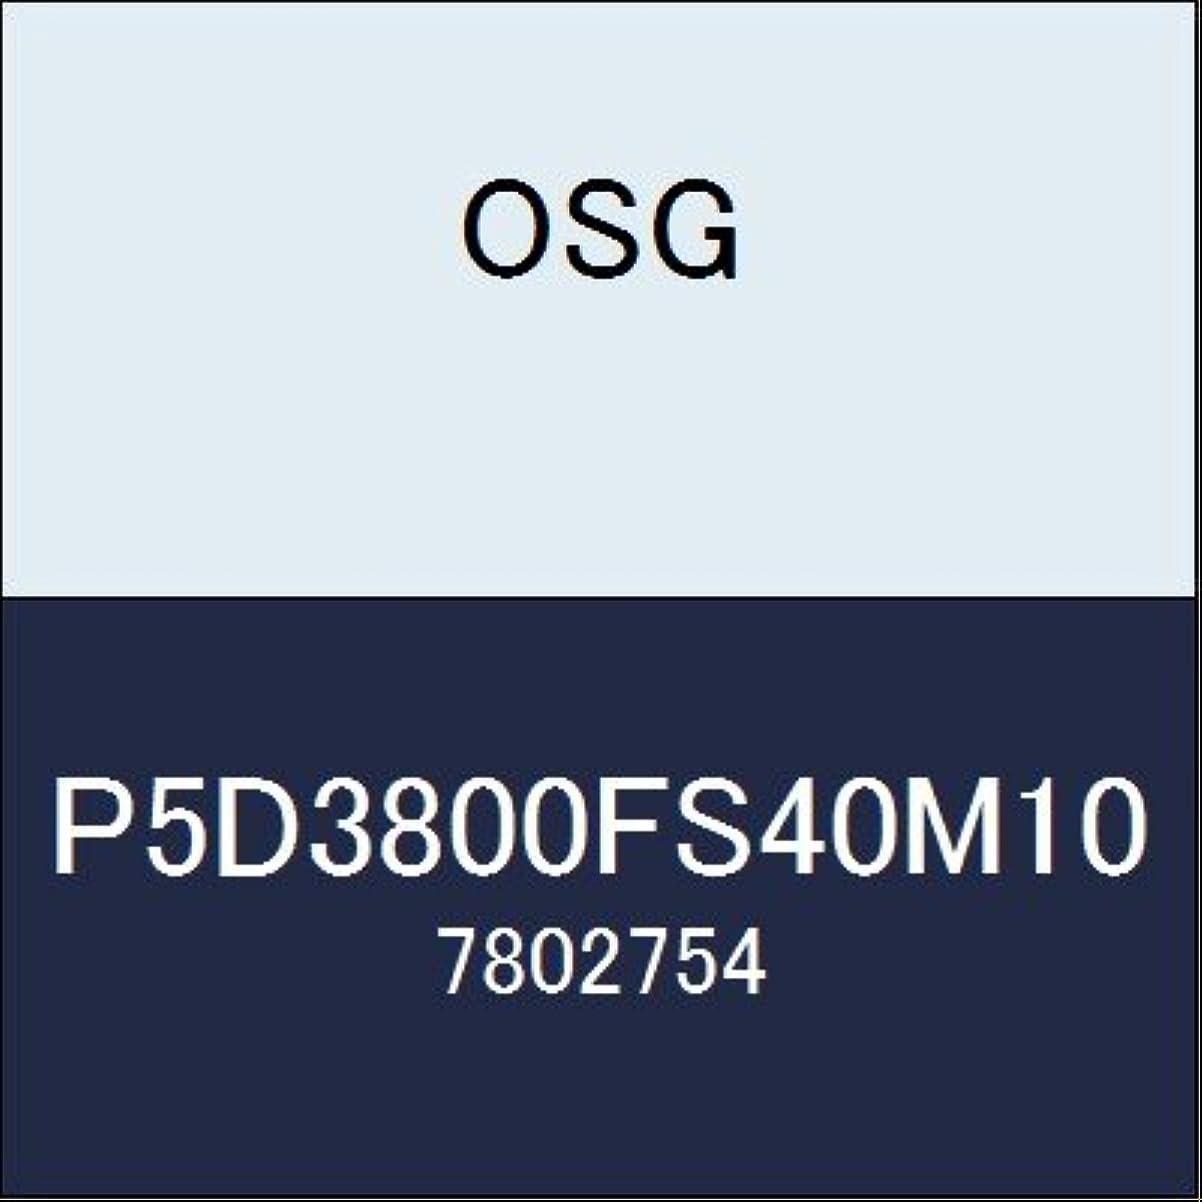 熟練したむしろ促すOSG ドリル P5D3800FS40M10 商品番号 7802754